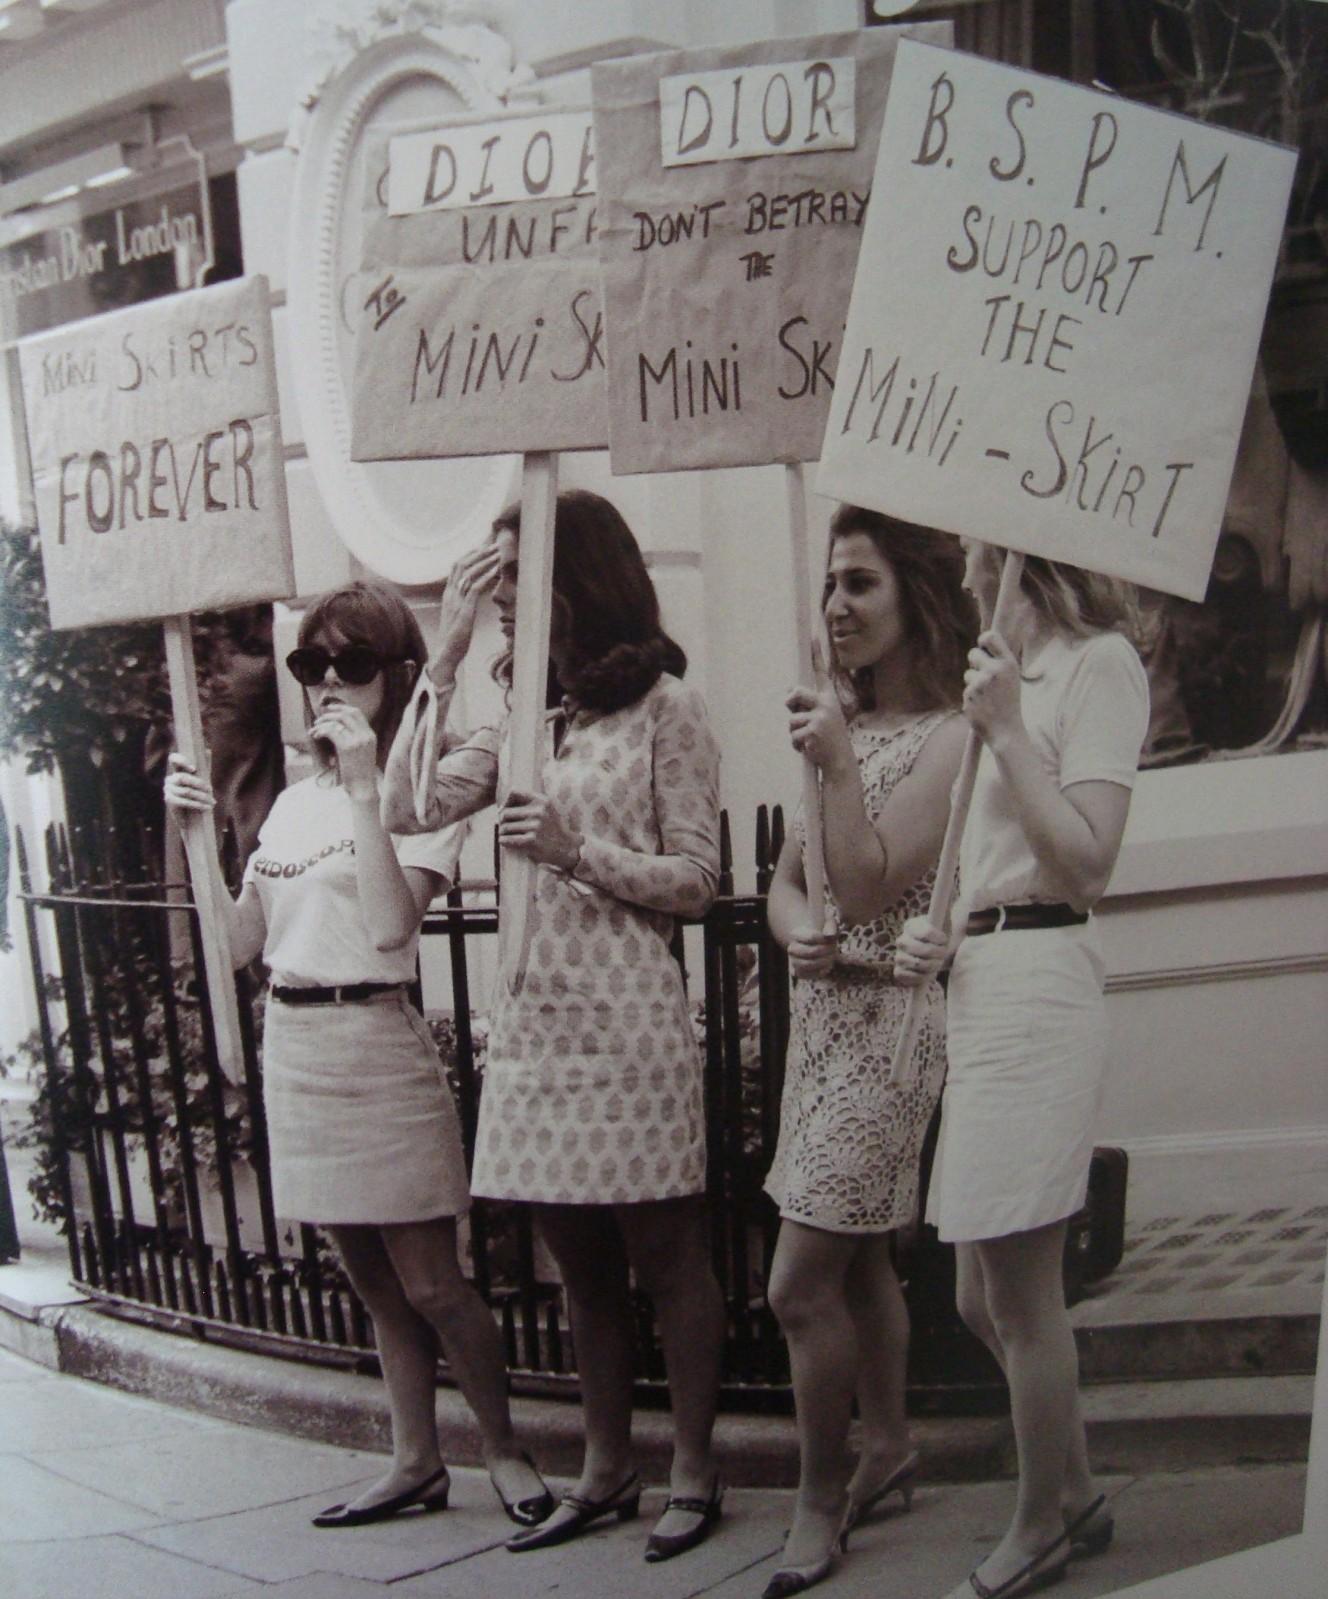 60s Women Empowerment Music